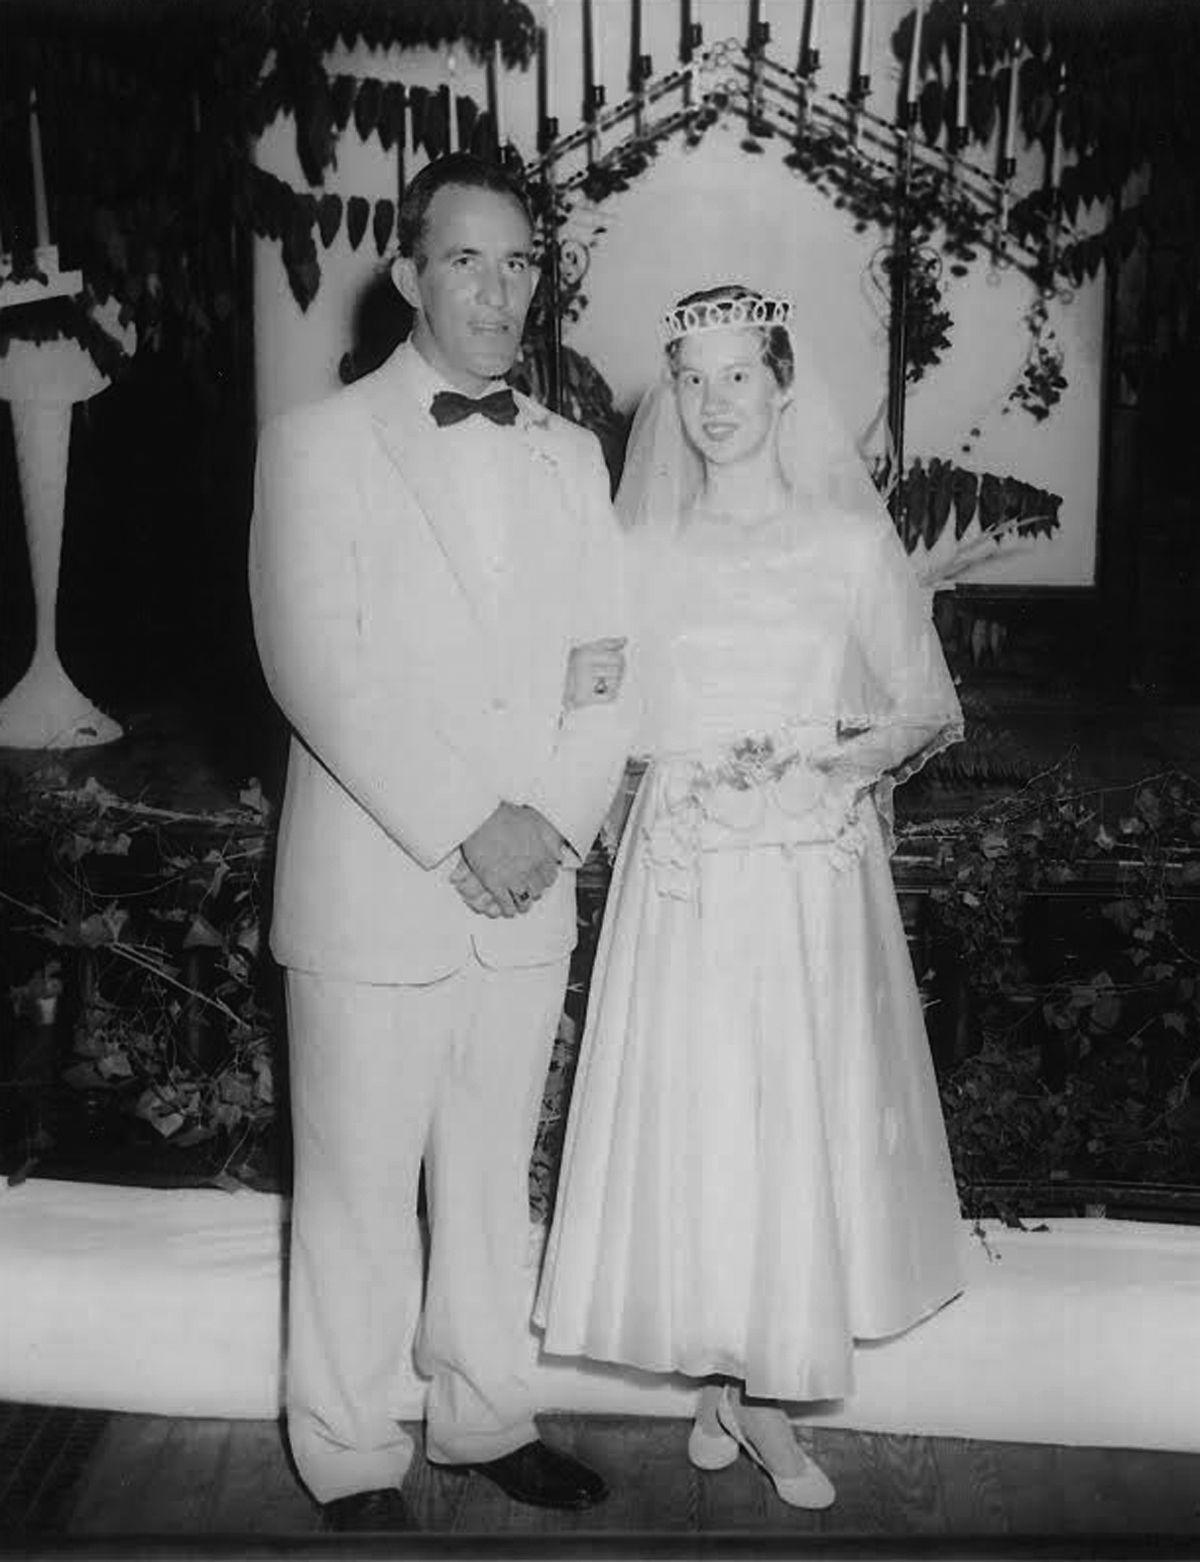 Rex L. and Jo Ann Abernathy